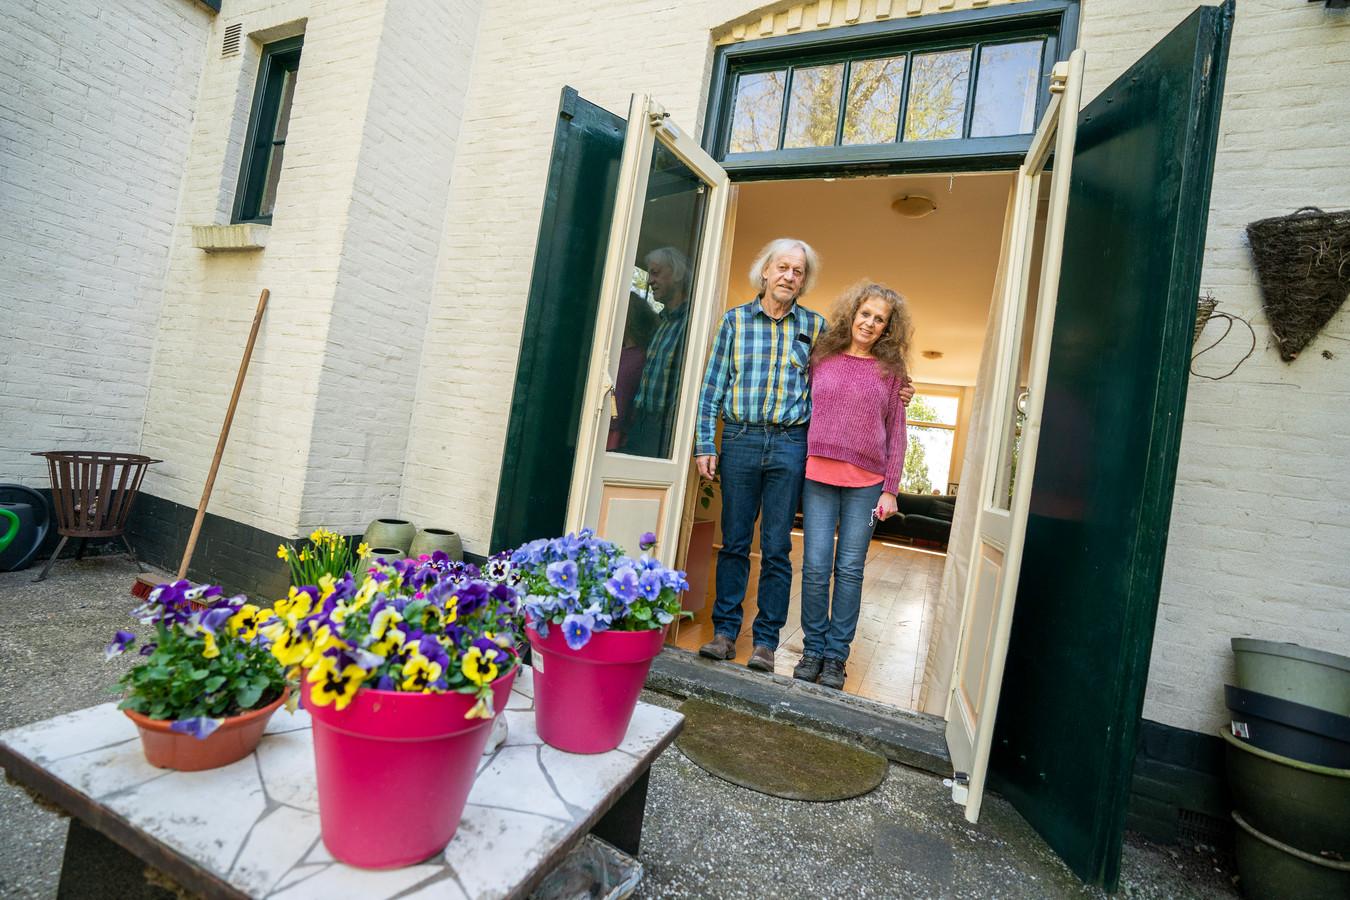 Liesbeth van der Valk en haar man in hun huis in Driebergen. ,,Dit huis vond ik geweldig, statig. Tegen mijn moeder zei ik: in dat huis wil ik later wonen.''